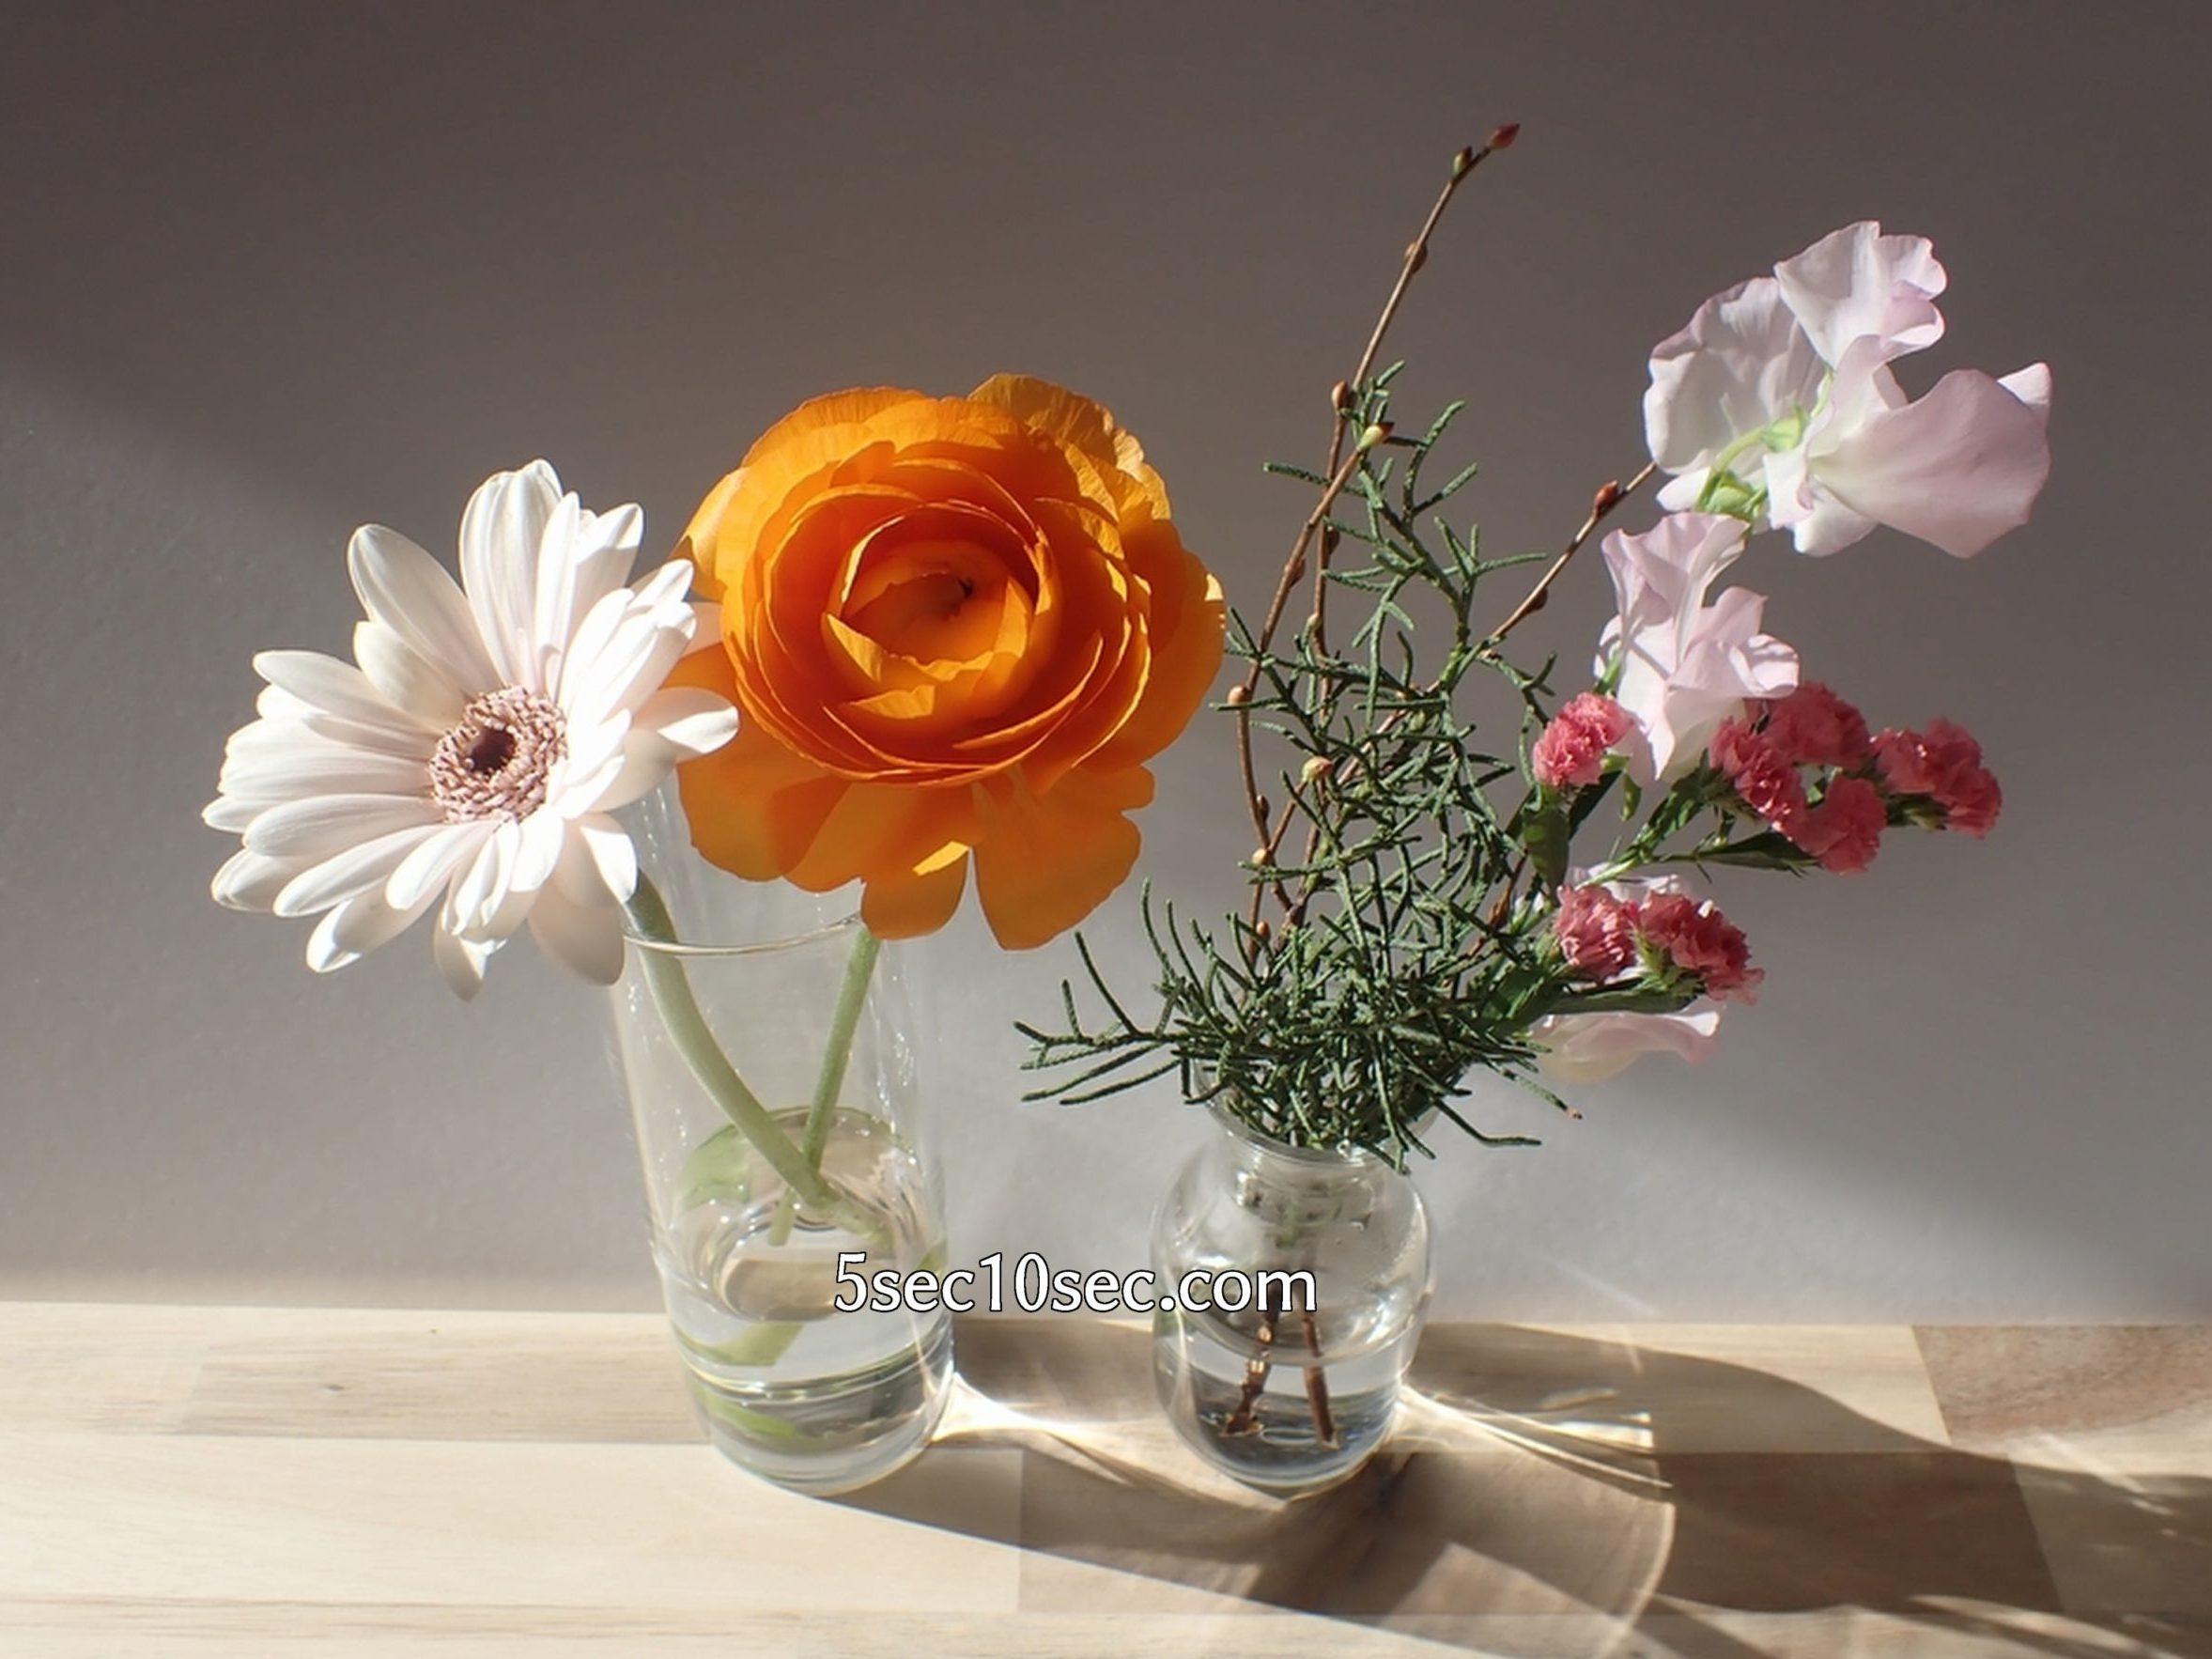 株式会社Crunch Style お花の定期便 Bloomee LIFE ブルーミーライフ レギュラープラン 1週間目のお花の状態、2週間くらいは届いた時のような綺麗な状態を楽しめます